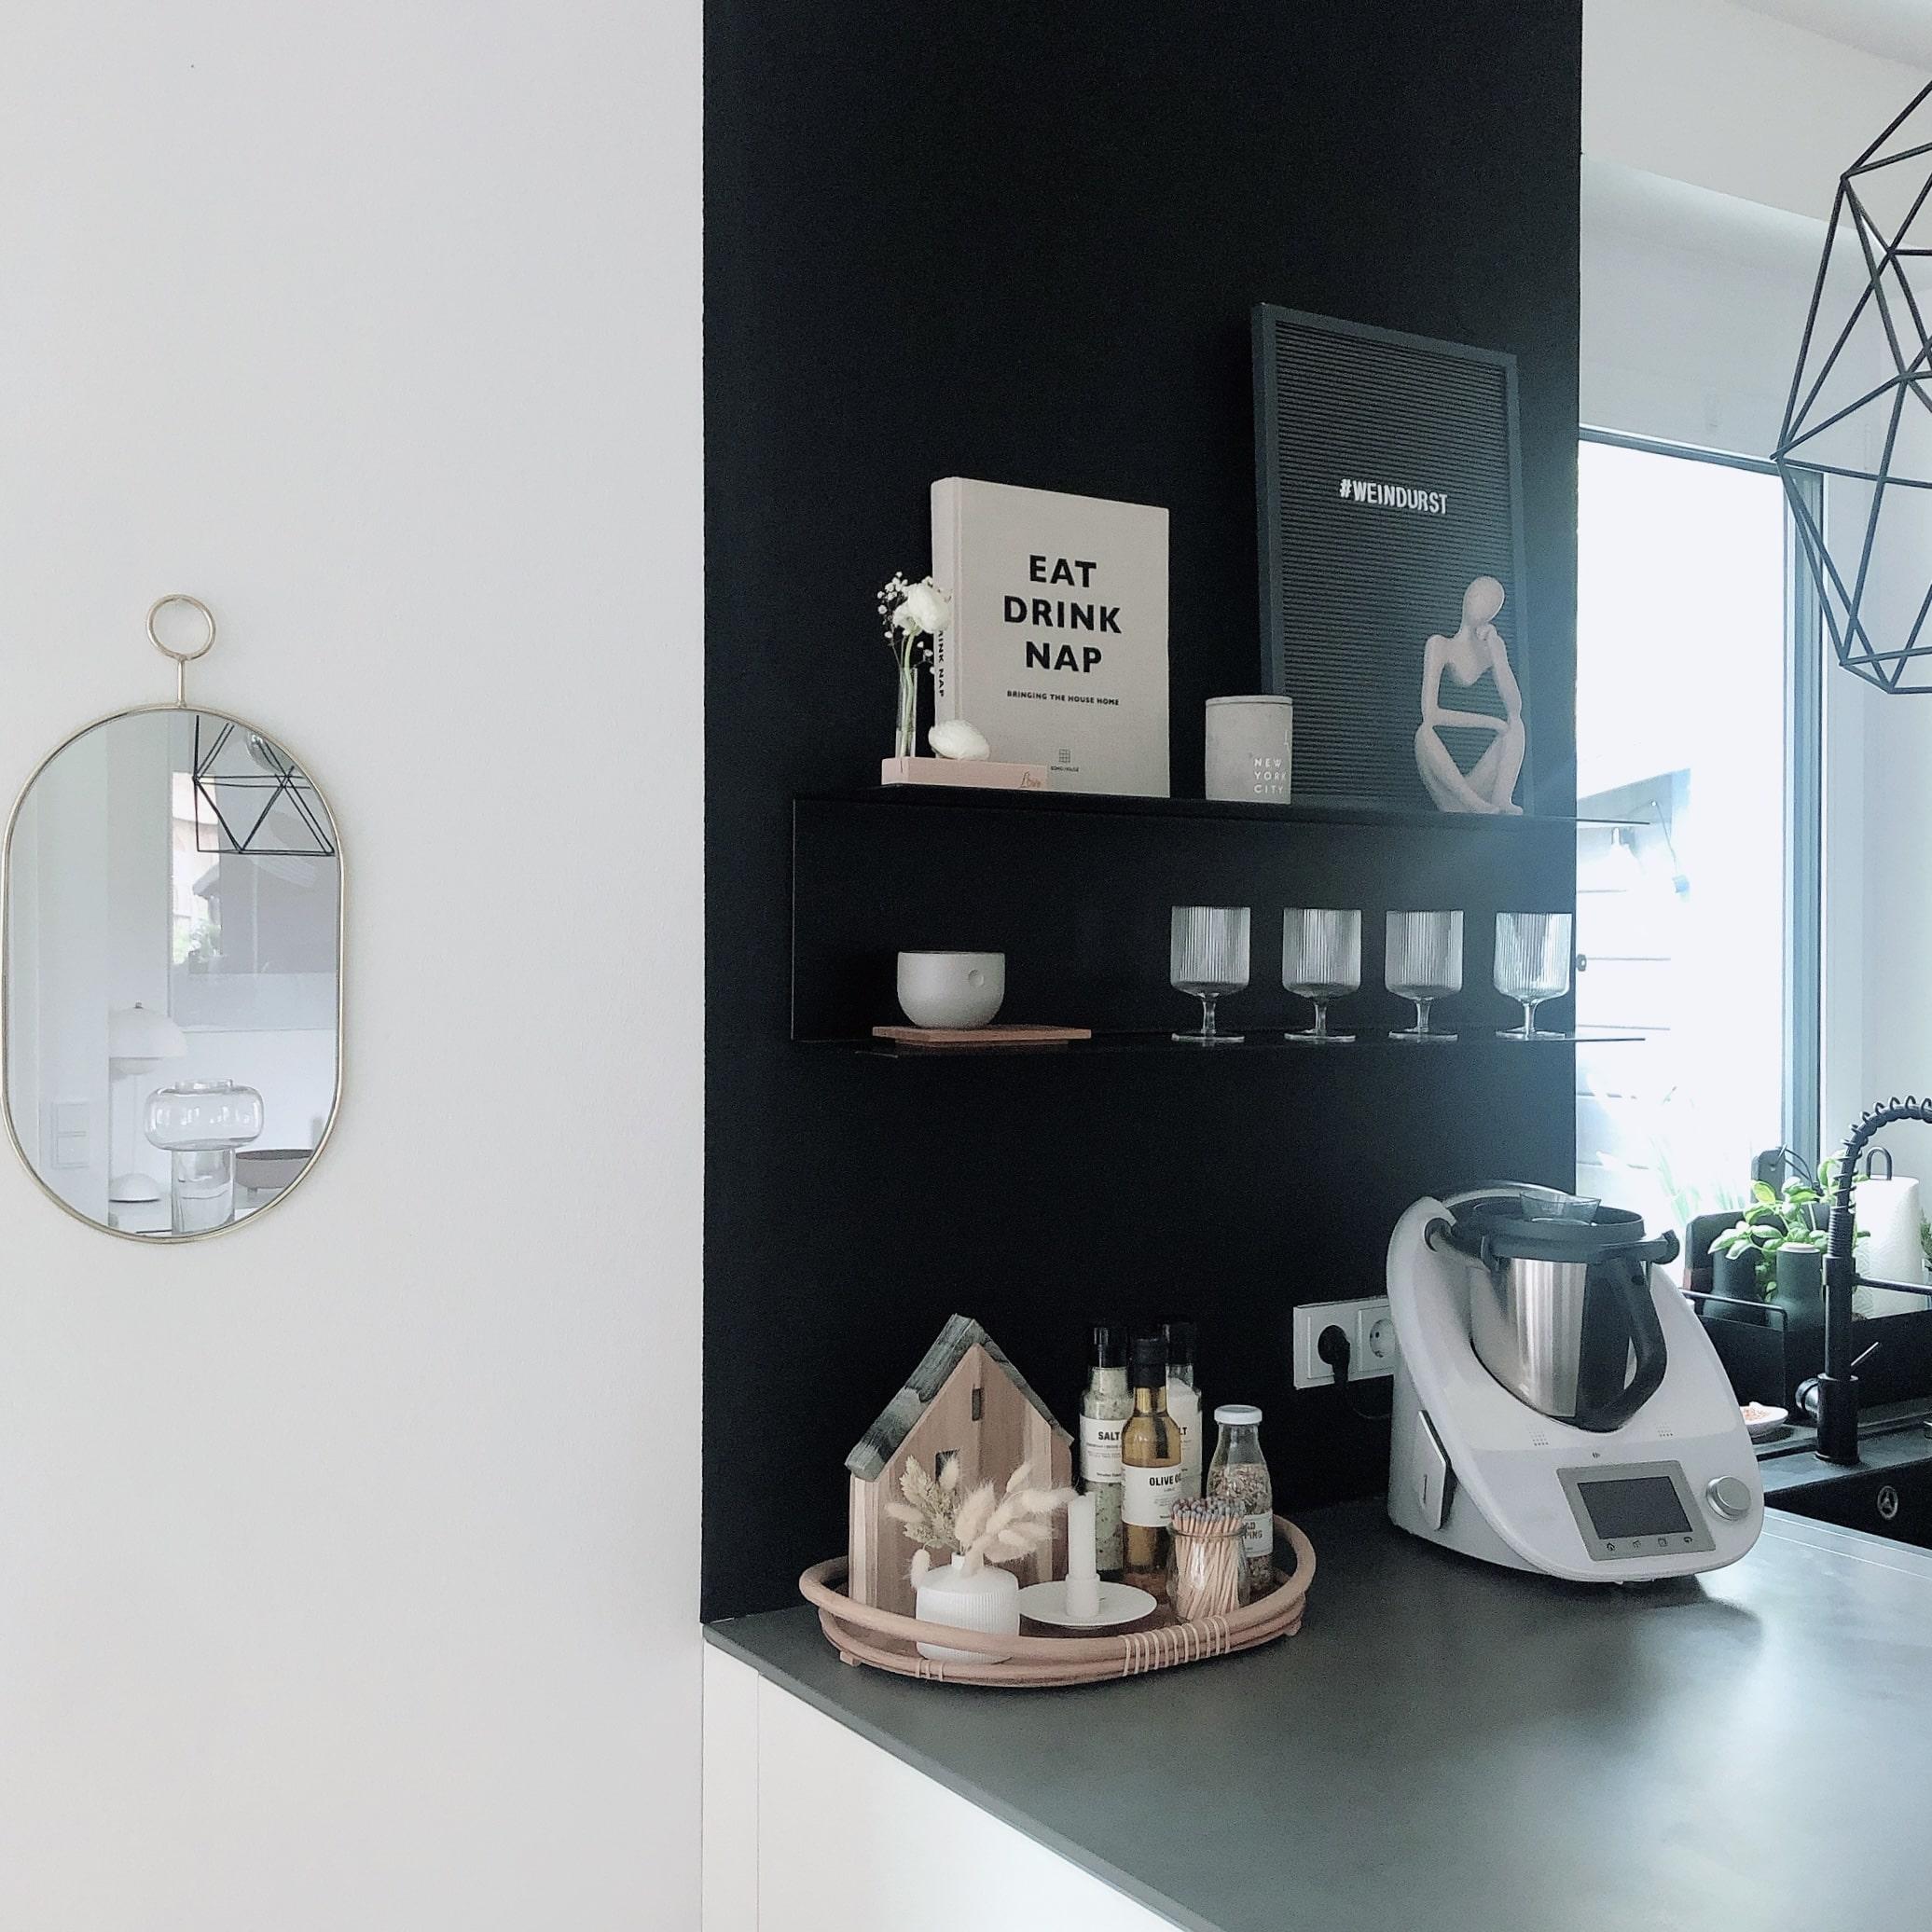 Homestory - Bei Lesern Zuhause - Homestory:  leben im Scandi Minimalismus mit Doro so geht's einfach Desmondo dein online Magazin und Shop